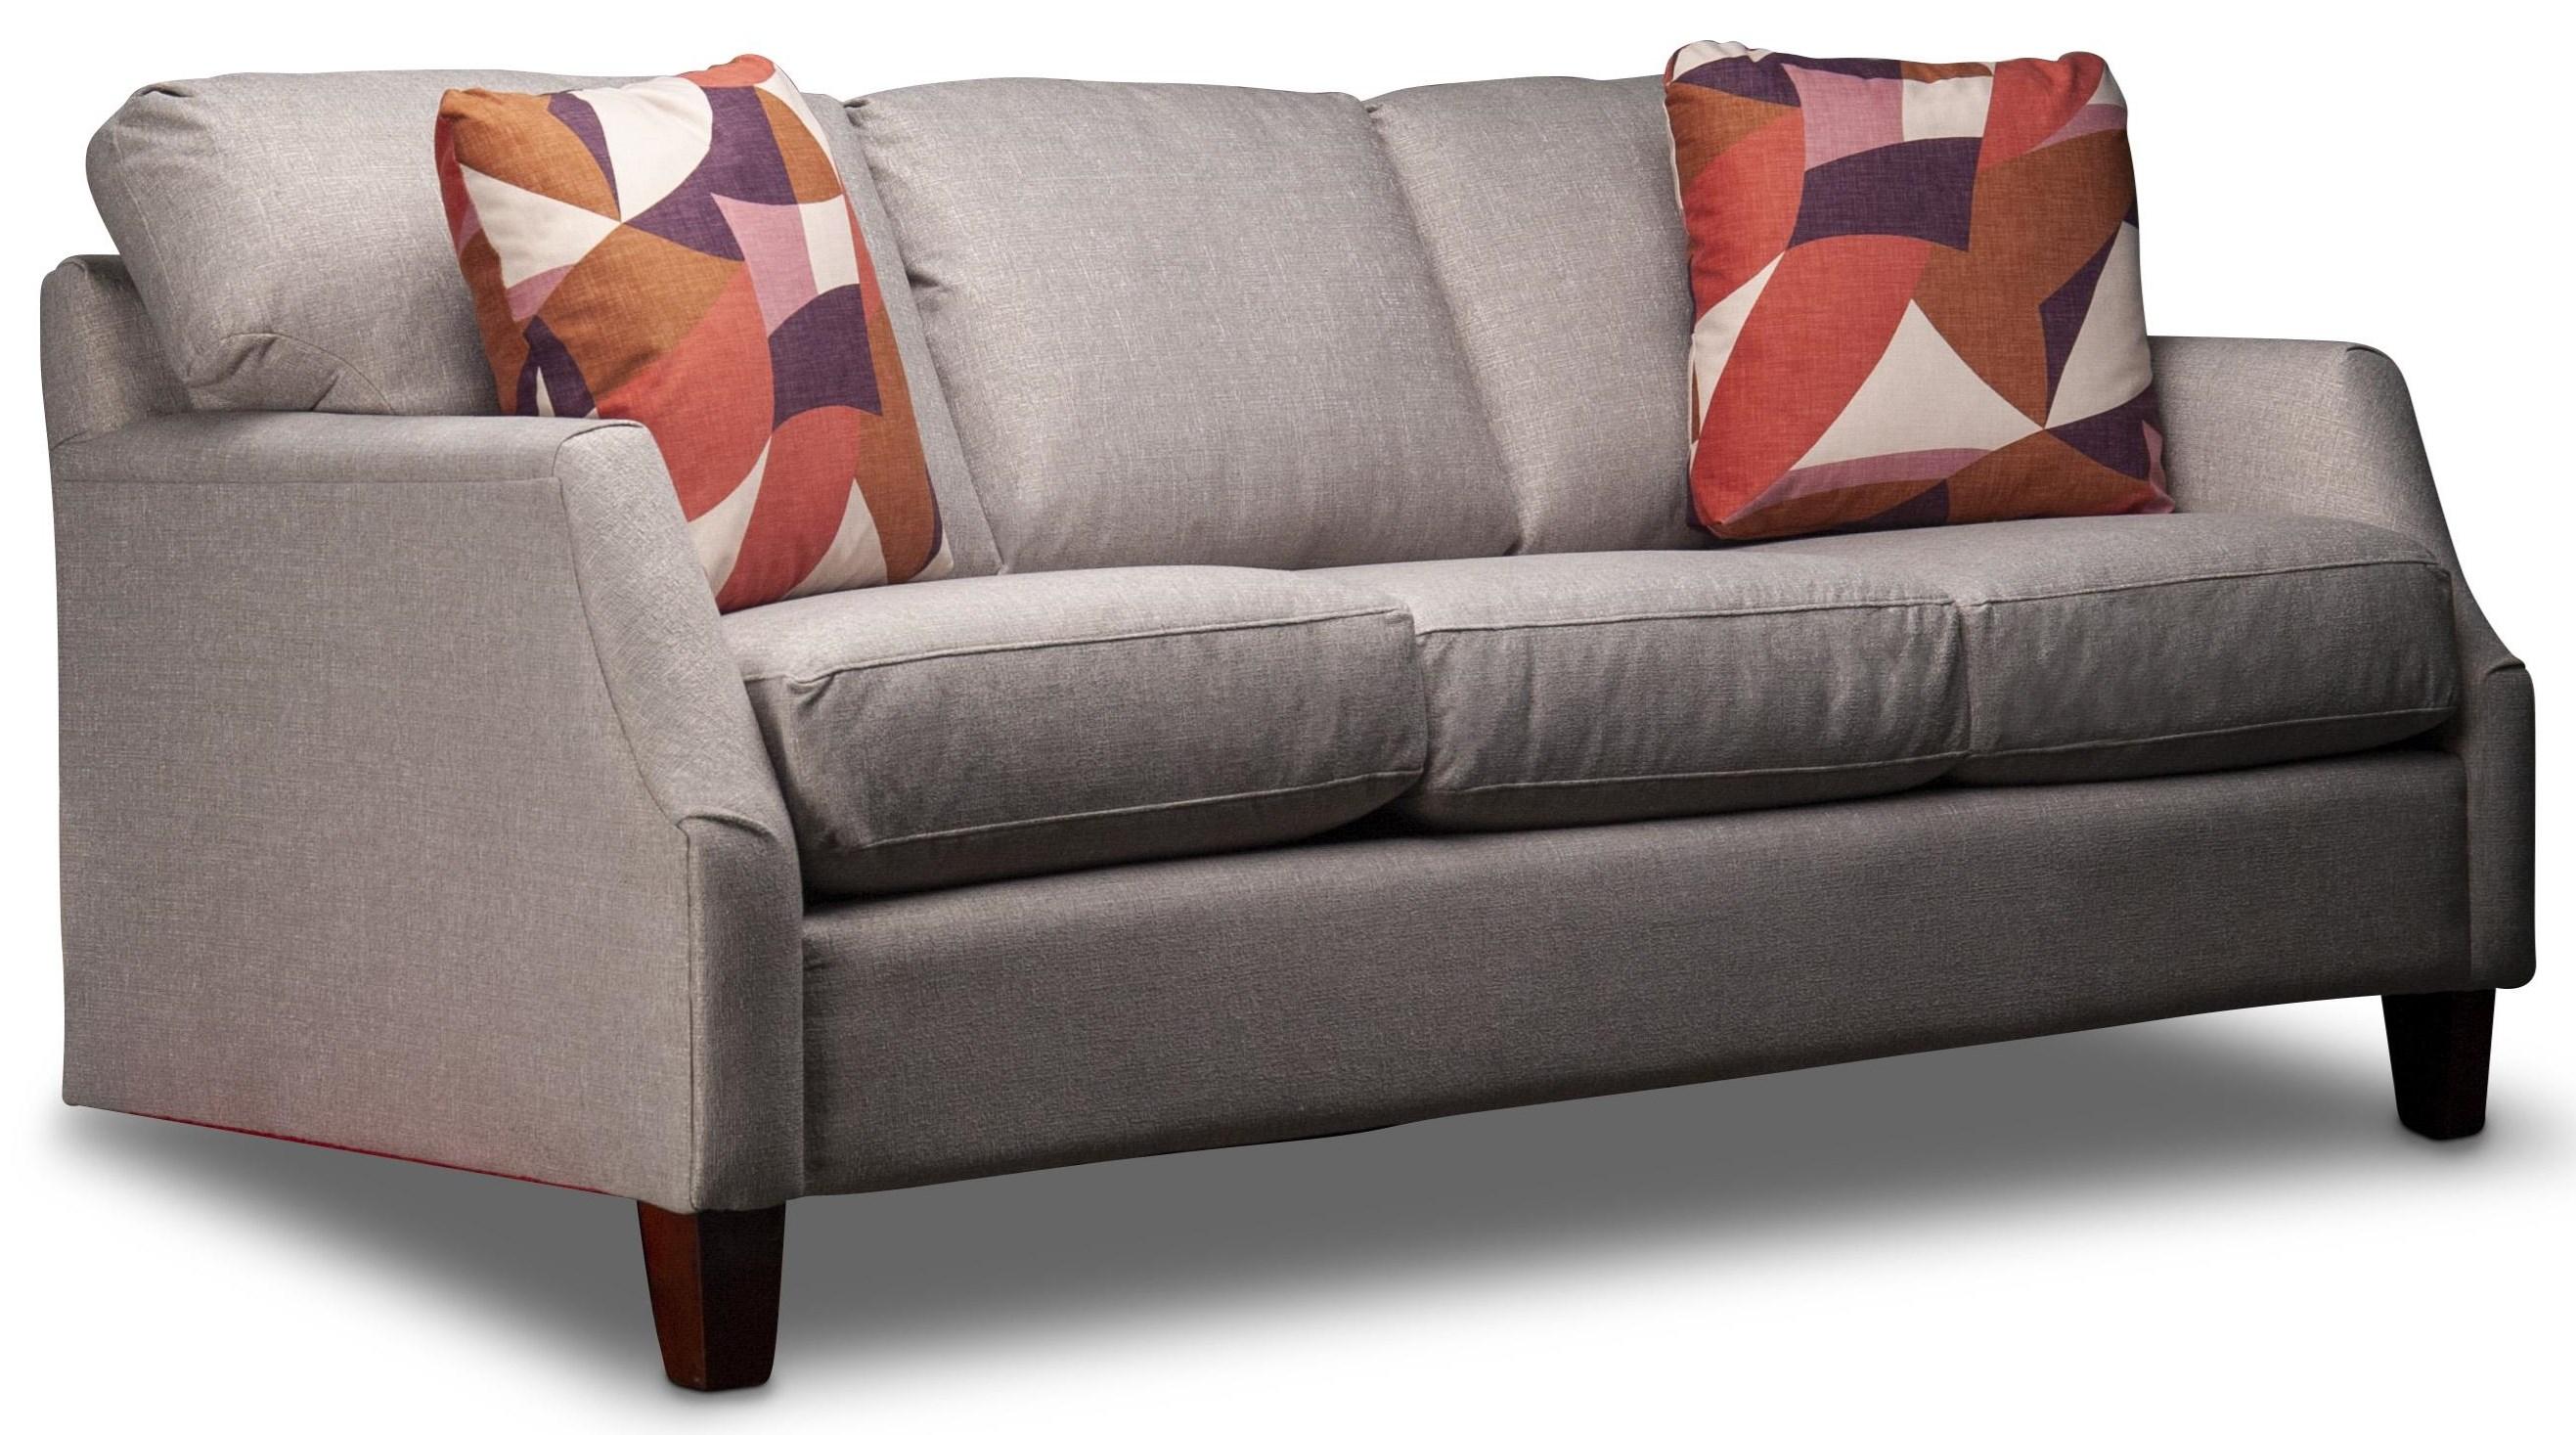 Petra Petra Sofa by Craftmaster at Morris Home